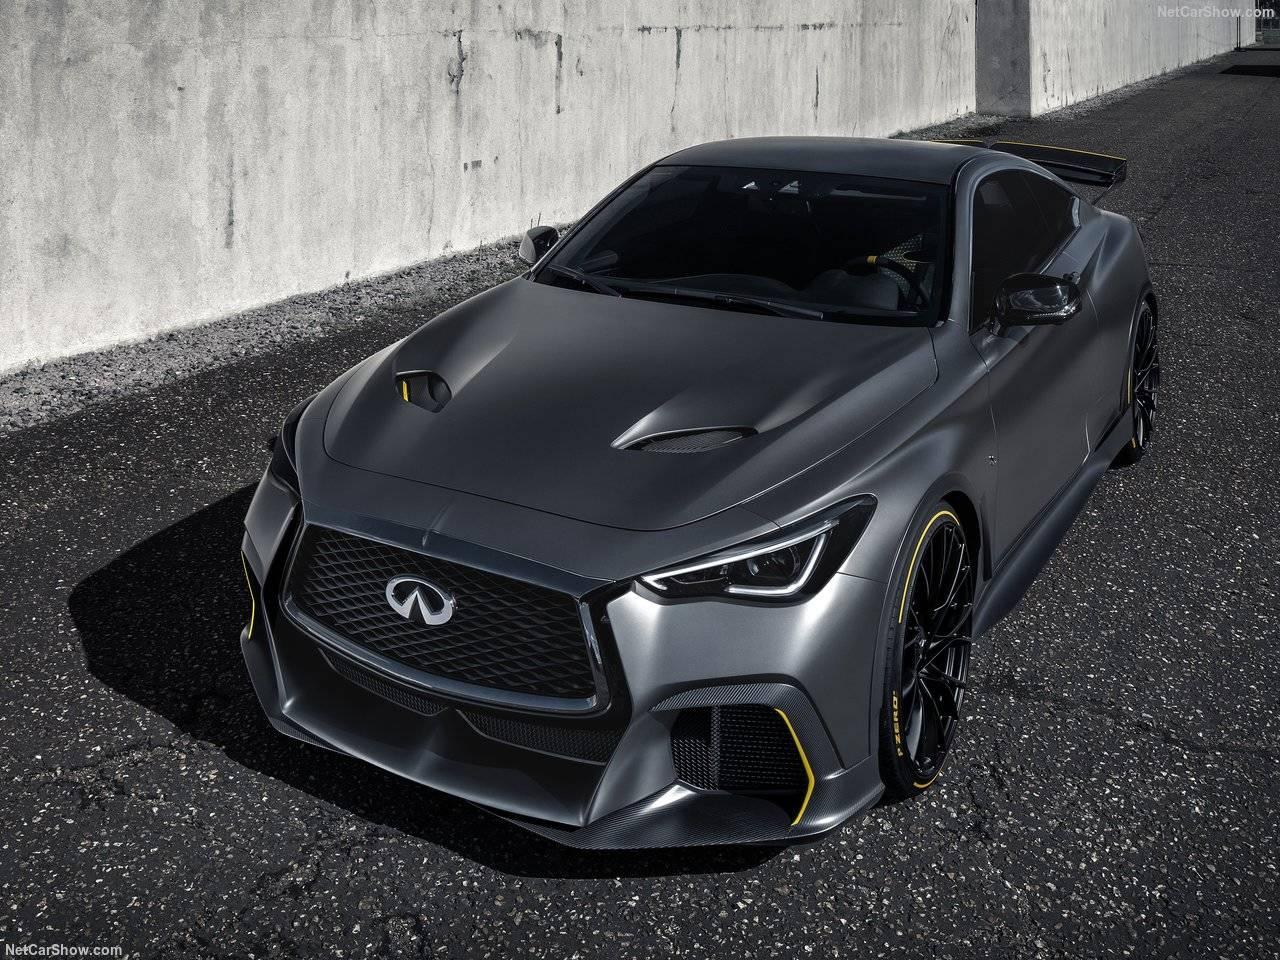 インフィニティQ60 Project Black S Conceptが公開!世界初のデュアルハイブリッド搭載で出力アップ!